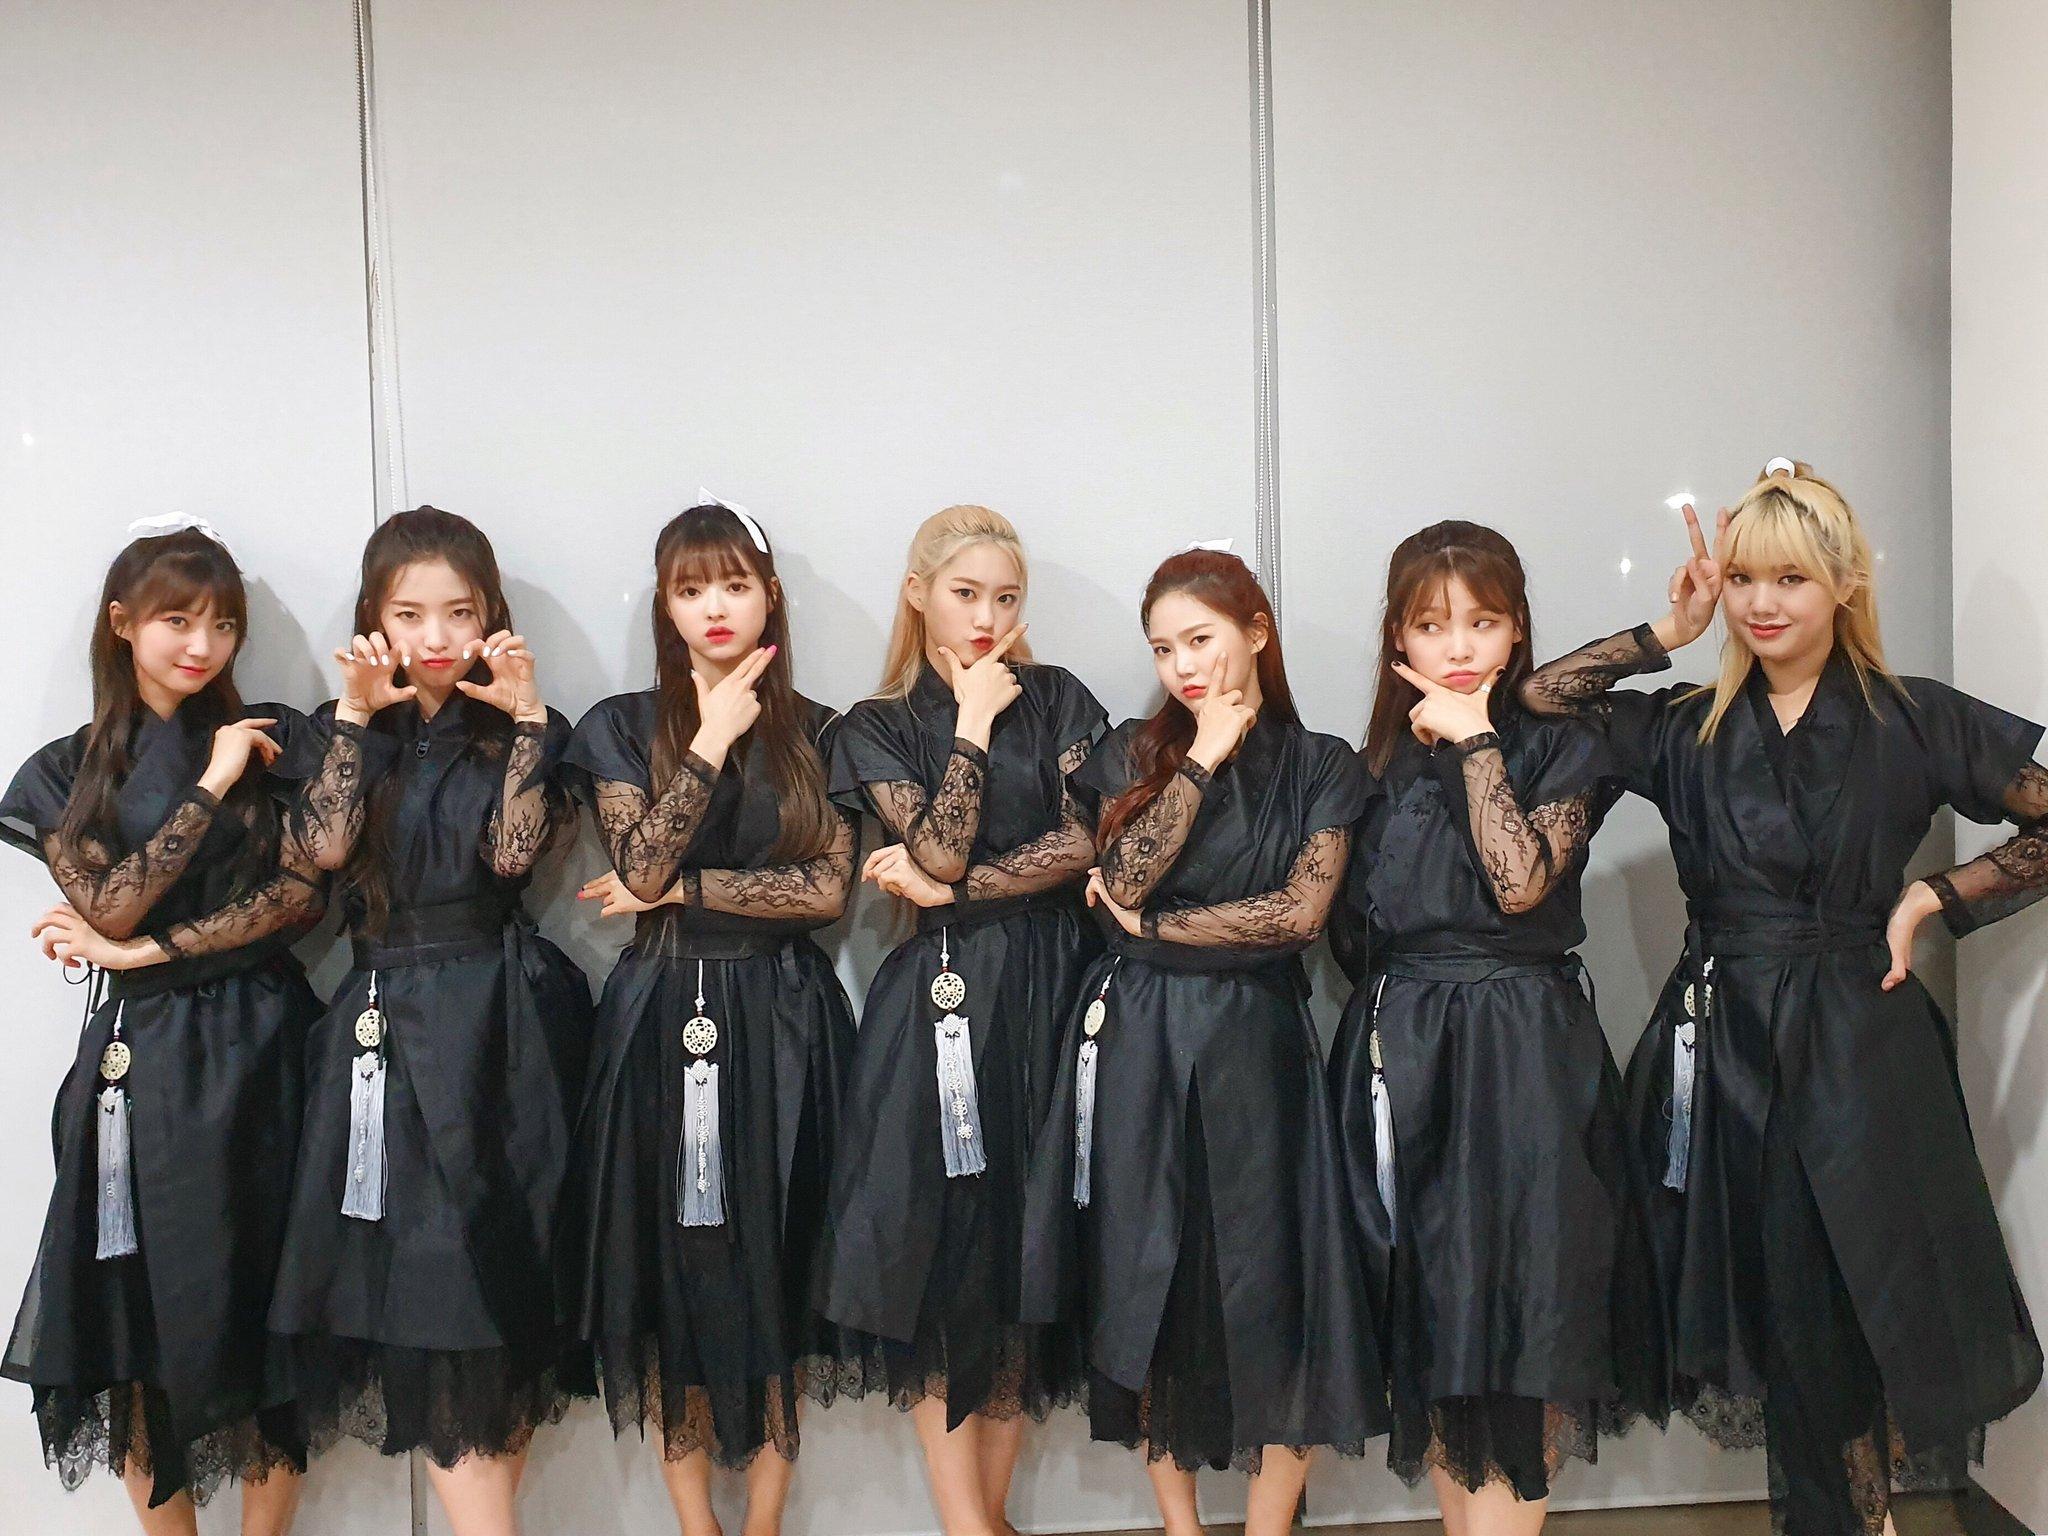 Ồn ào câu chuyện trang phục truyền thống của Hàn Quốc - 9